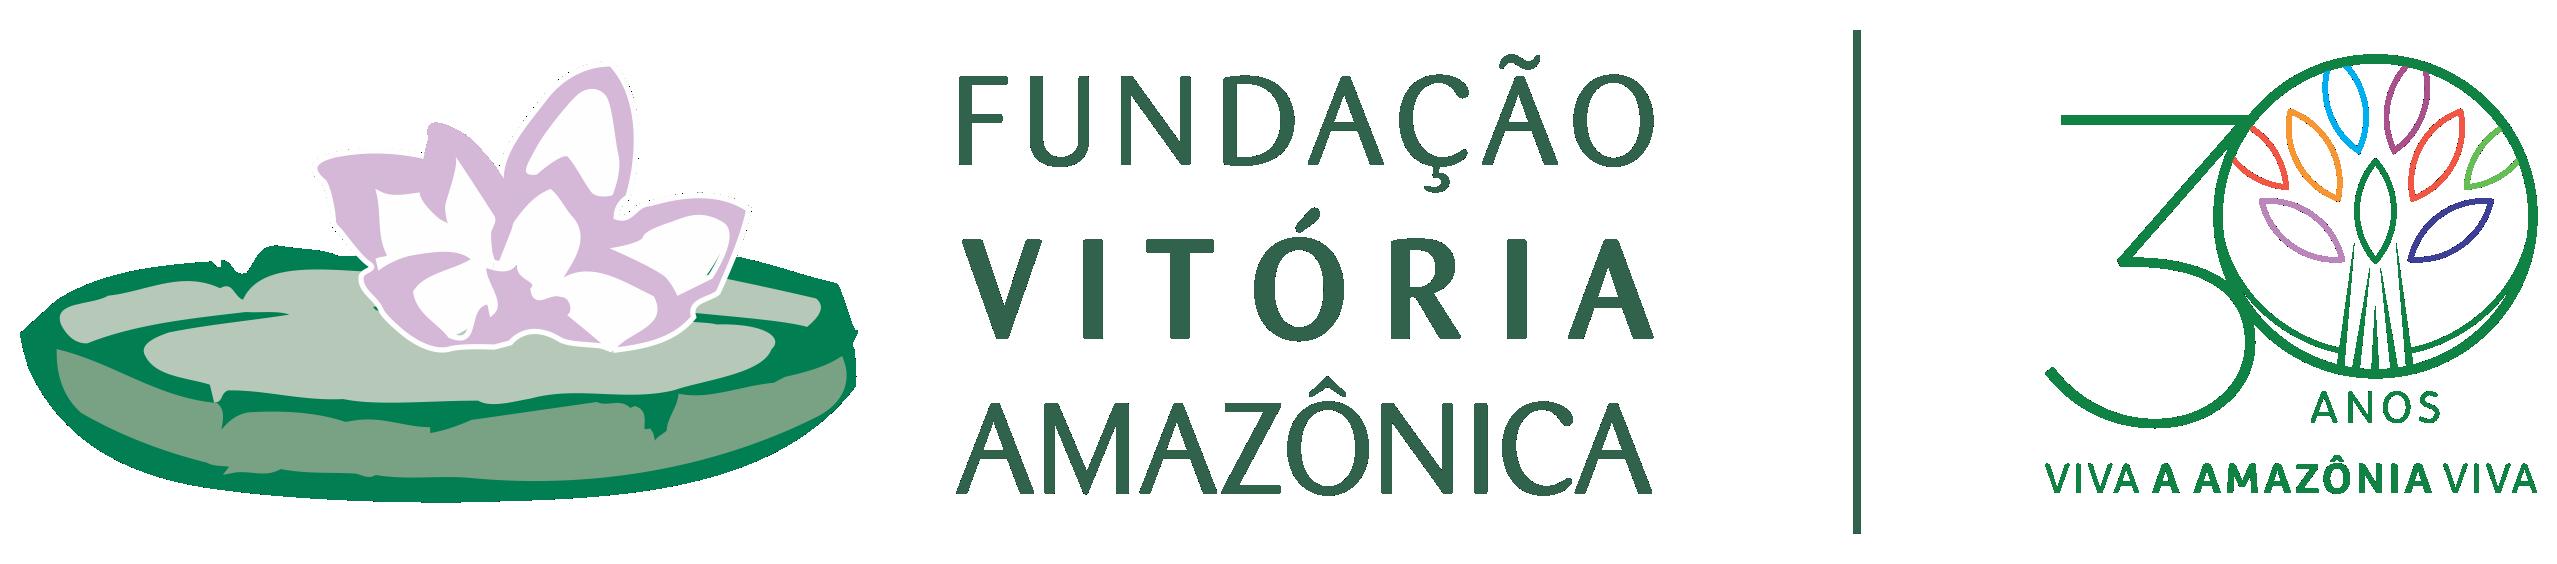 Fundação Vitória Amazônica